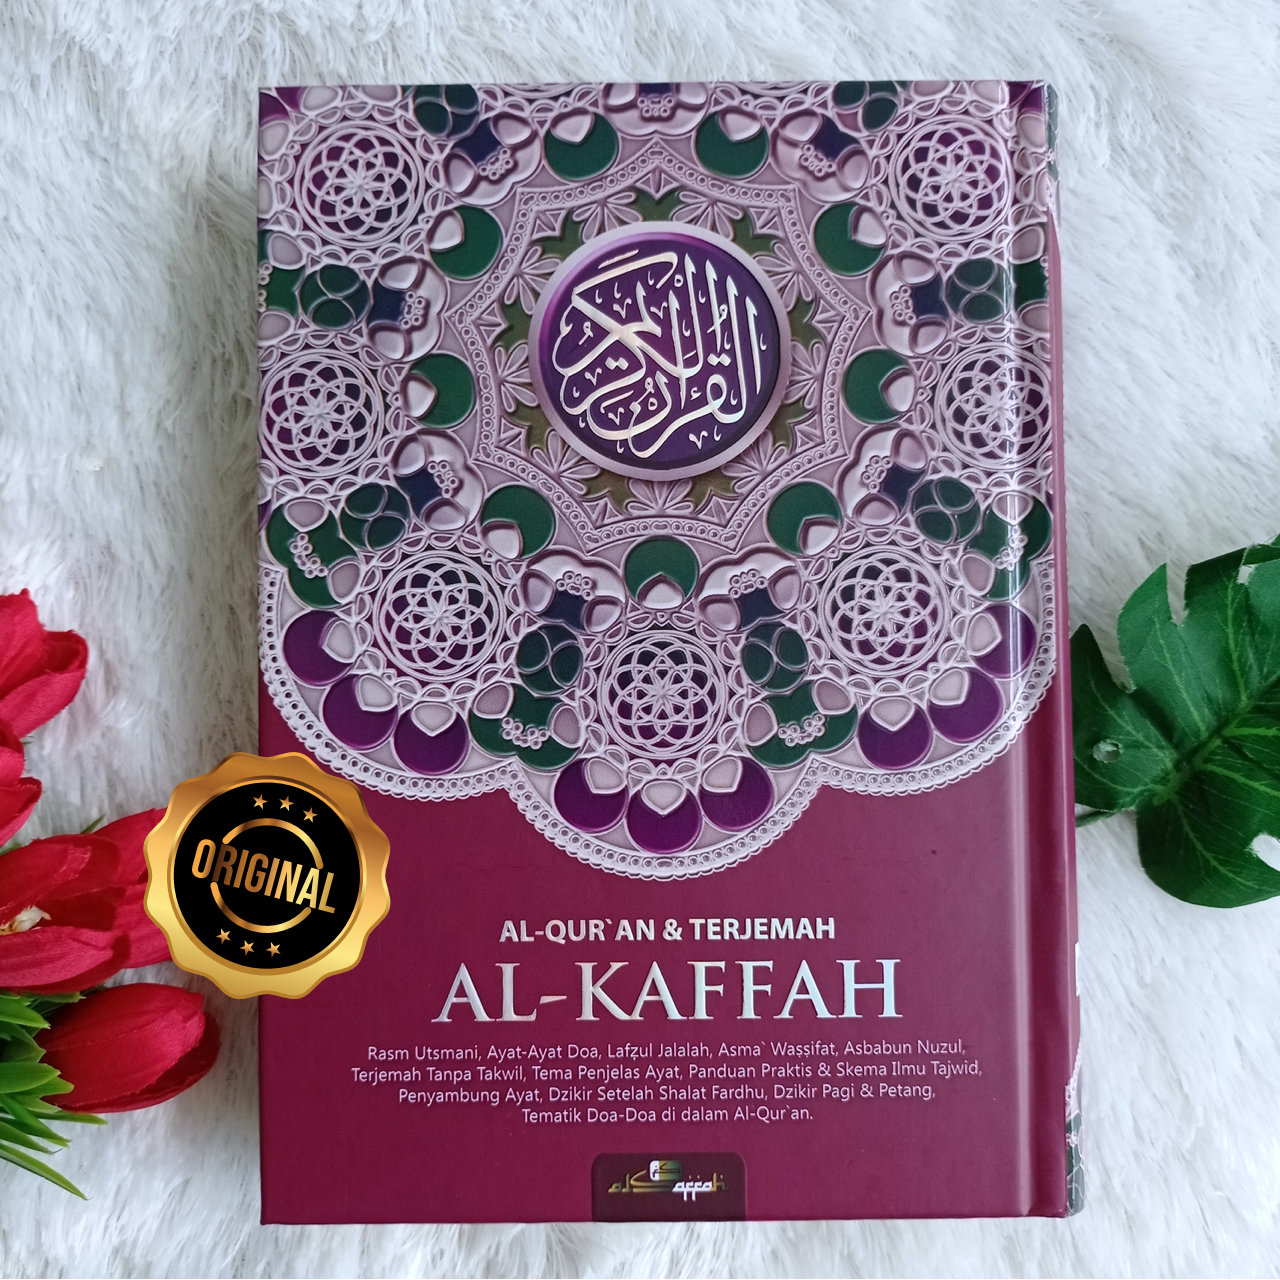 Al-Qur'an Dan Terjemah Al-Kaffah HC Ukuran A5